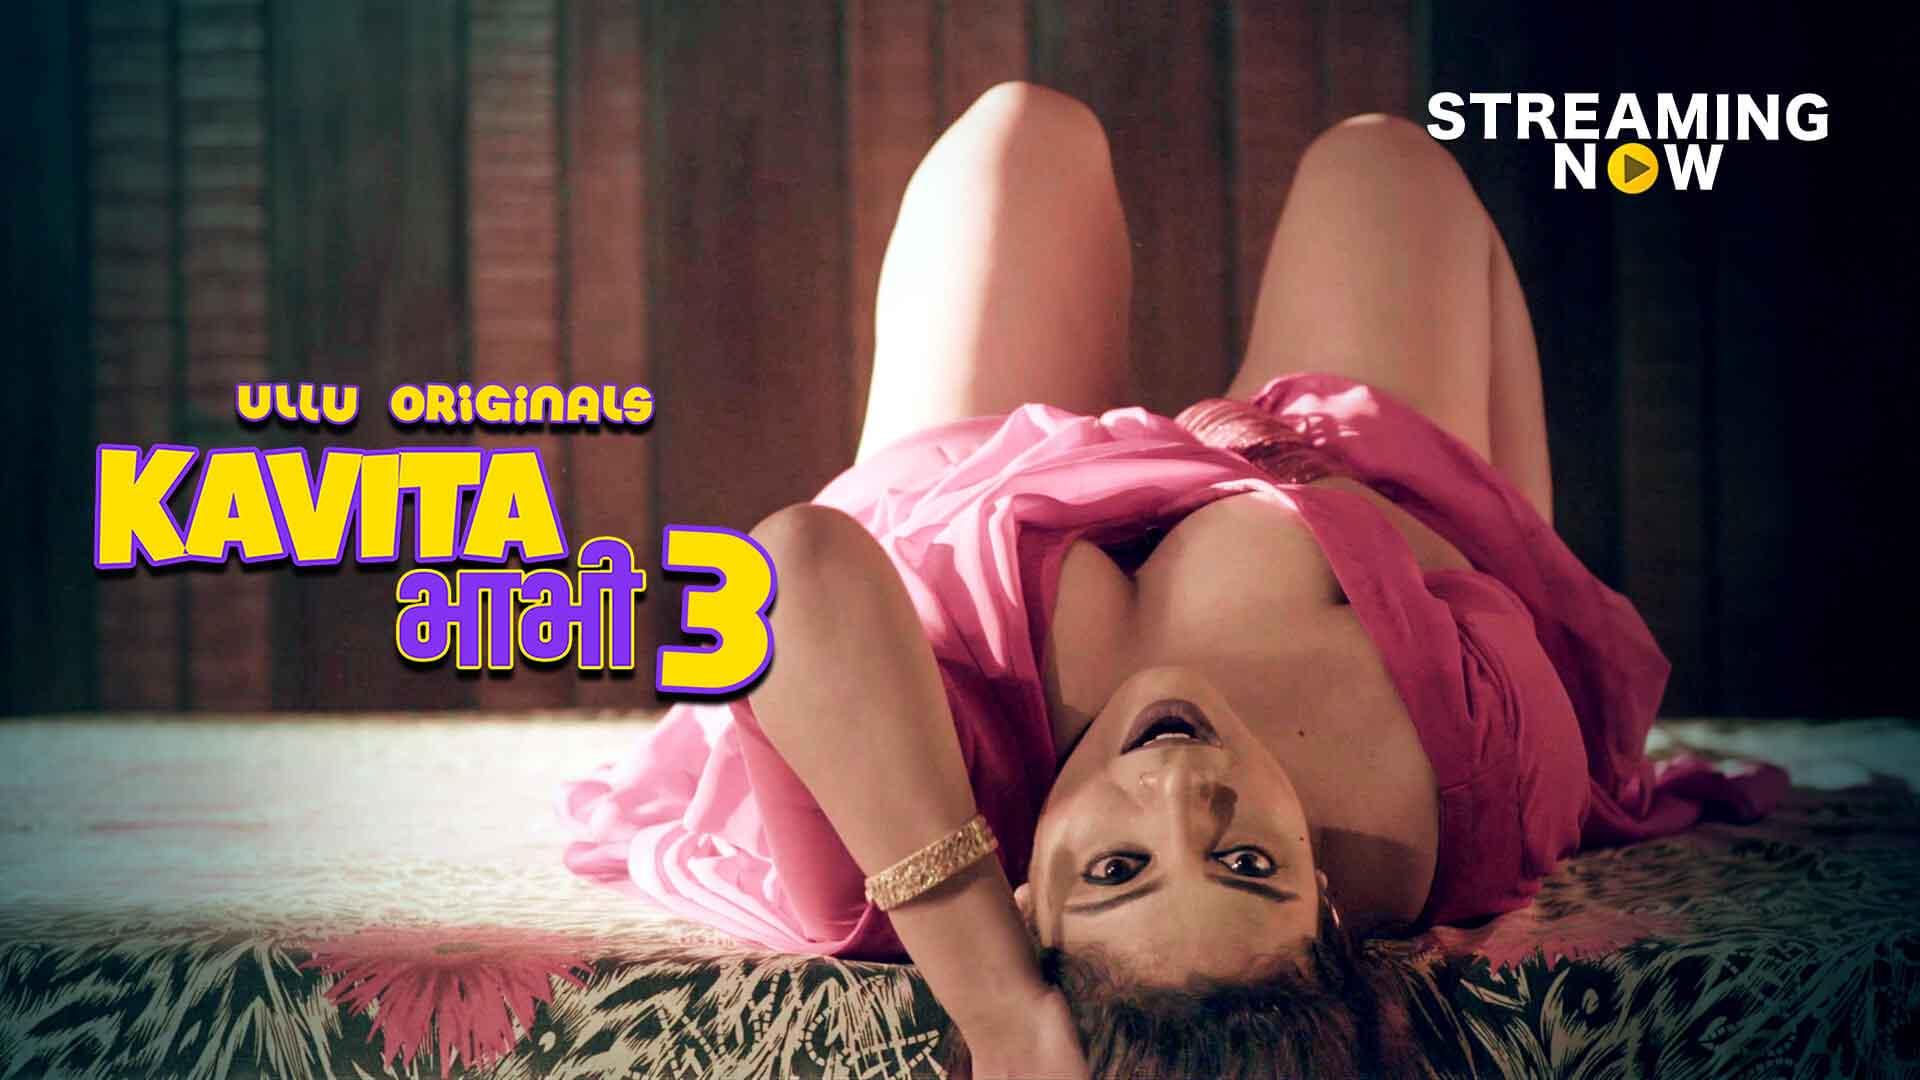 Kavita Bhabhi Season 3 (2020) Hindi Ullu Original Complete Web Series 720p HDRip 260MB Download